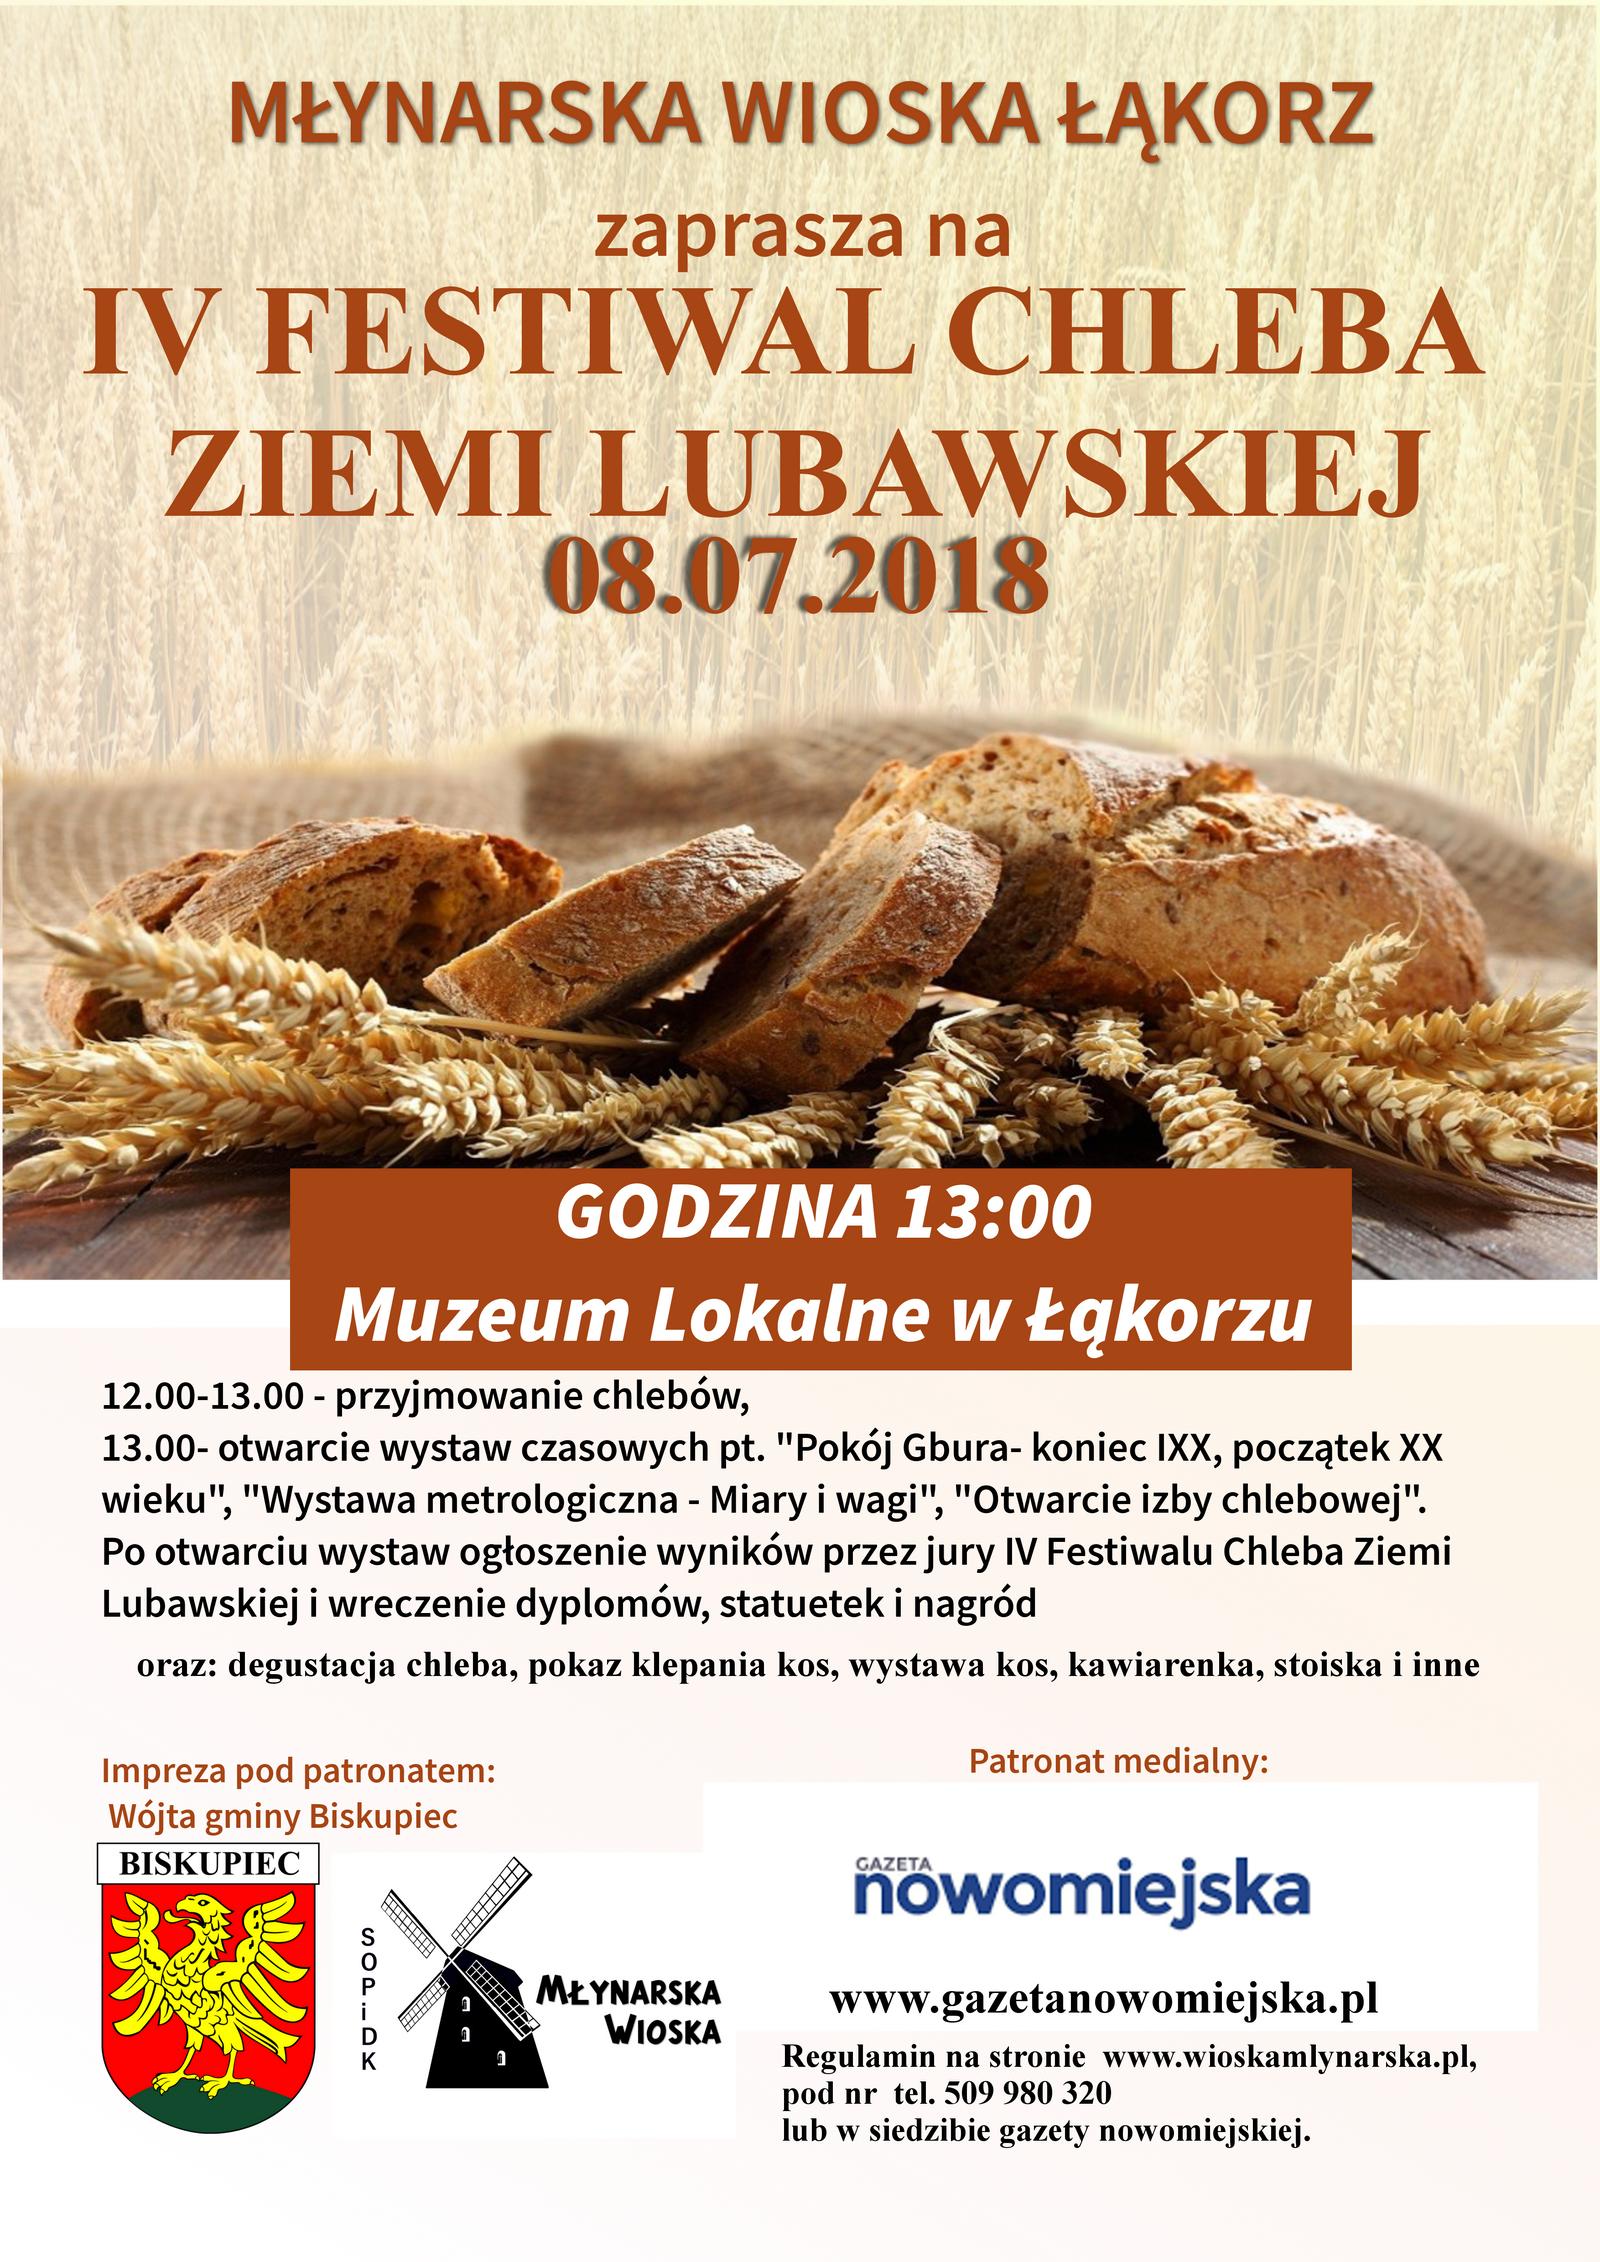 IV Festiwal Chleba Ziemi Lubawskiej